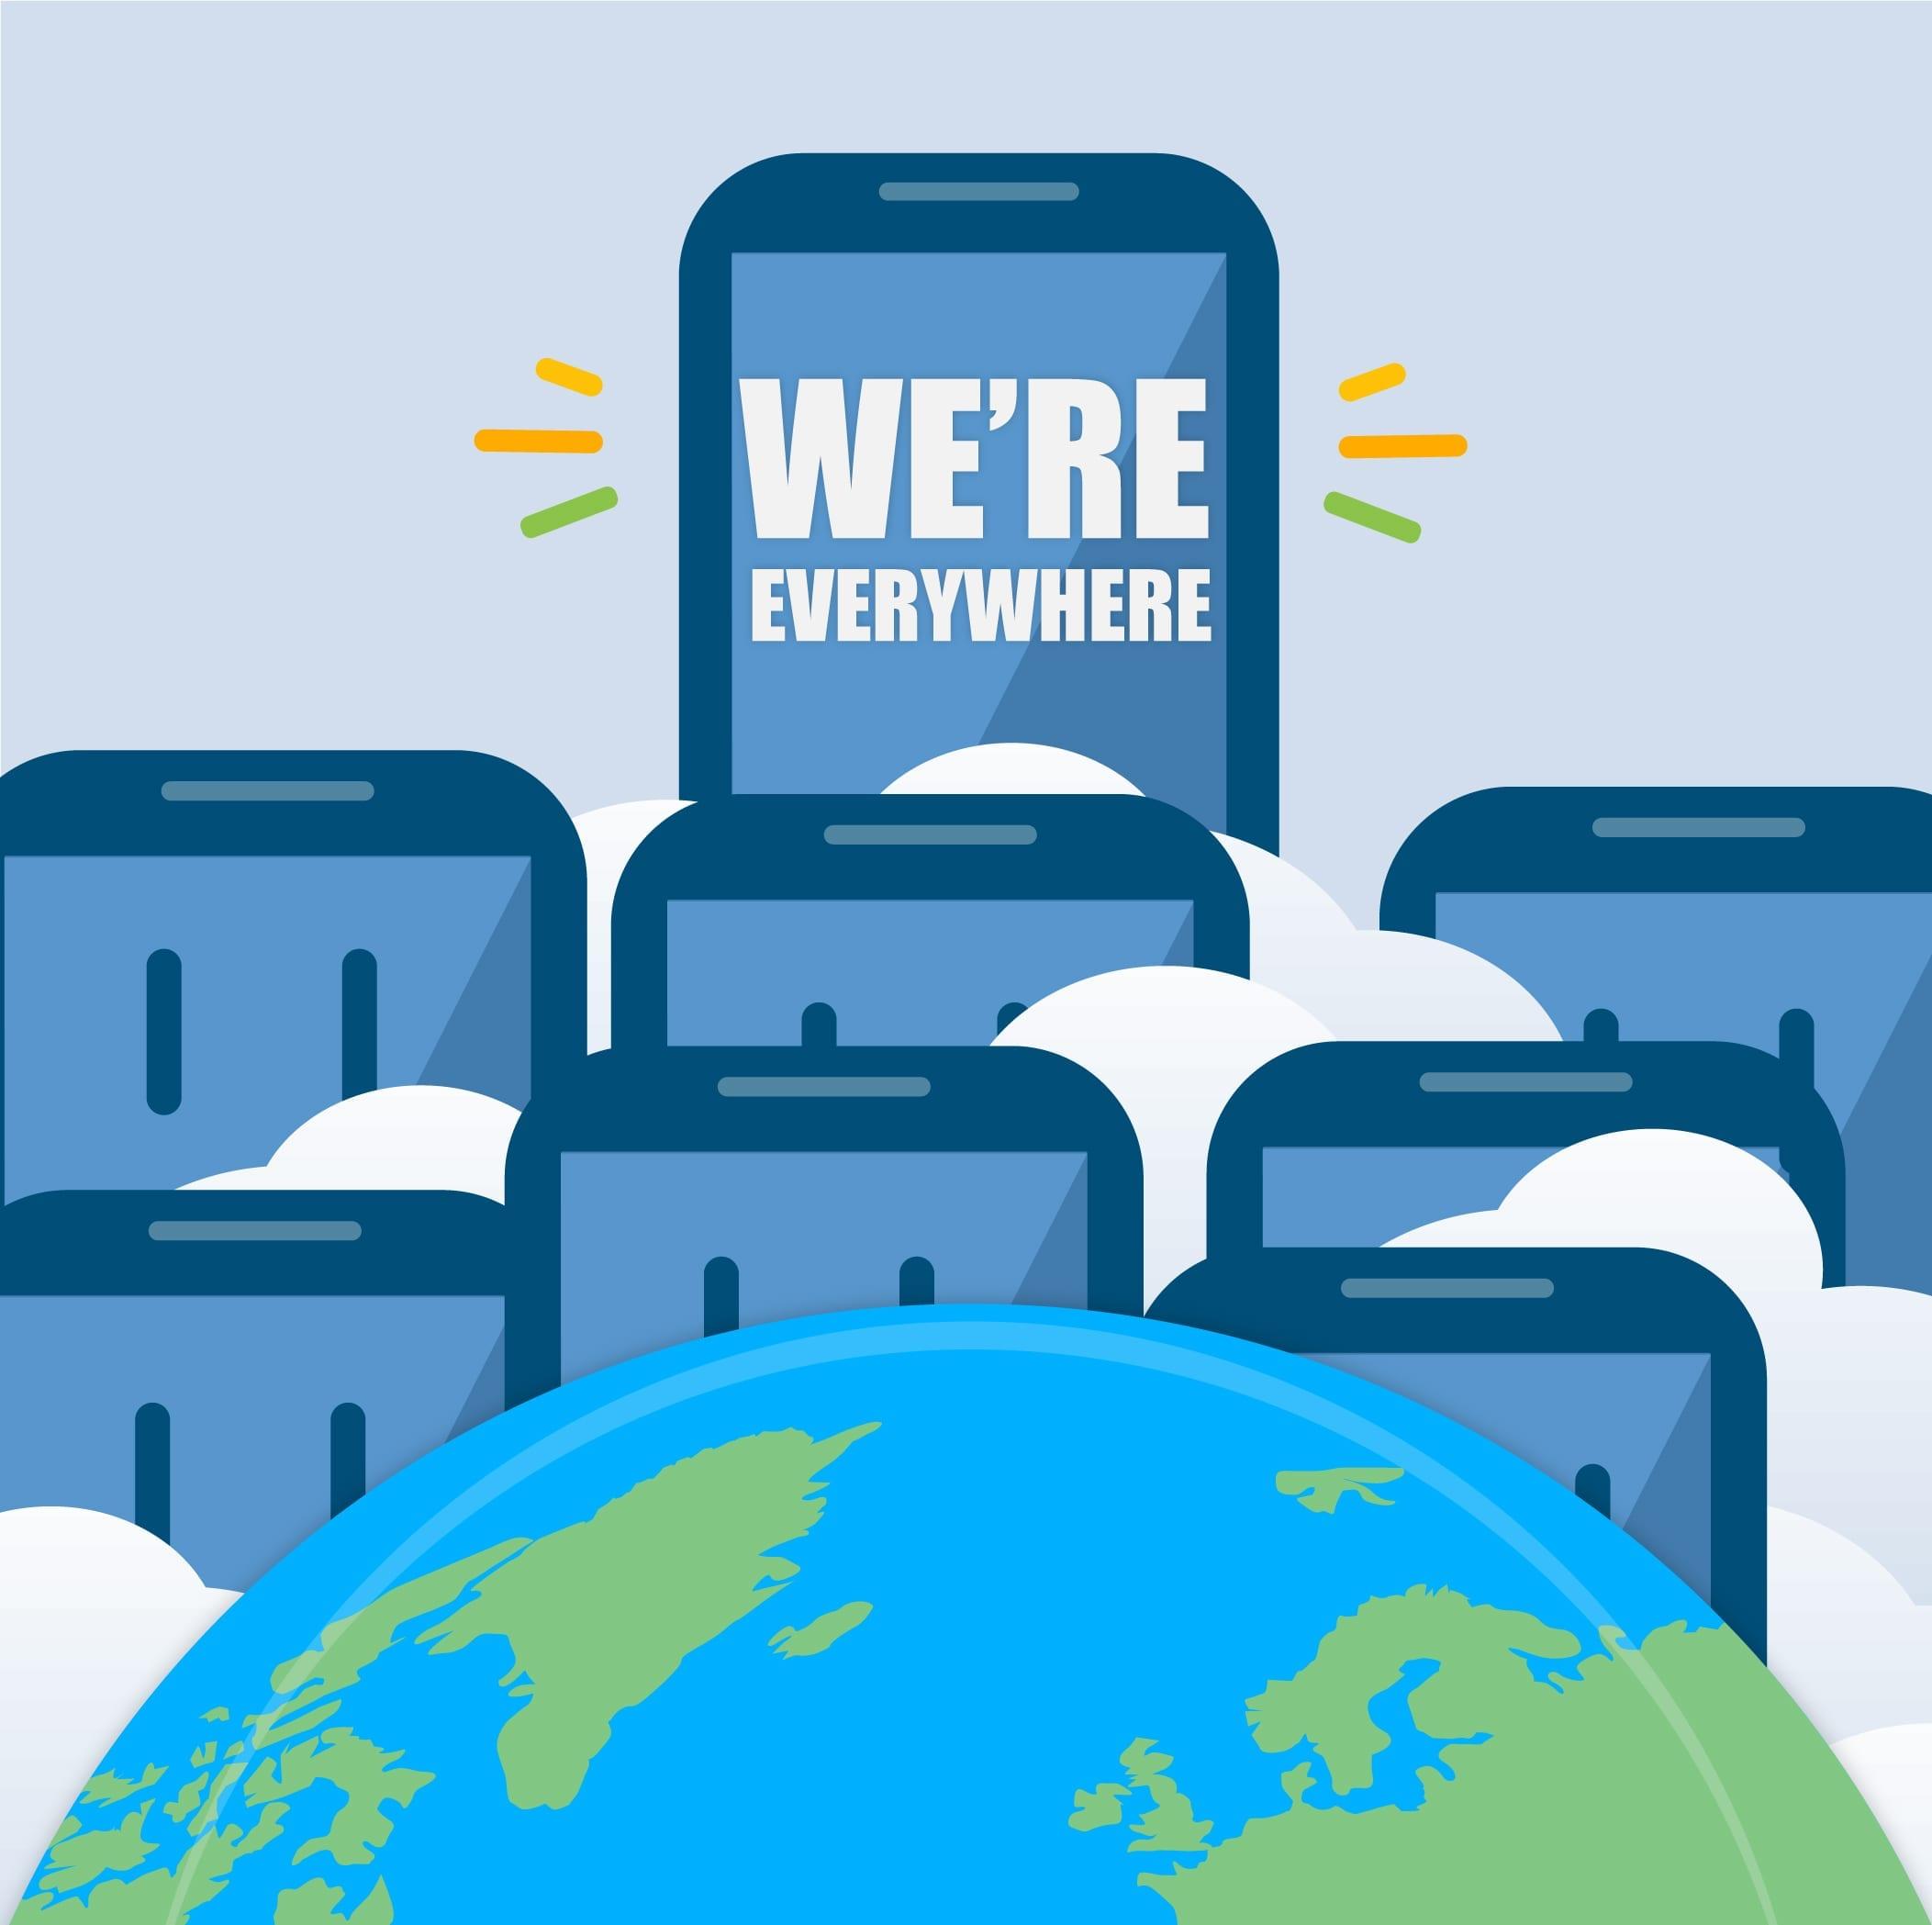 Comment développer et réussir une application mobile?  - Les 6 étapes 1